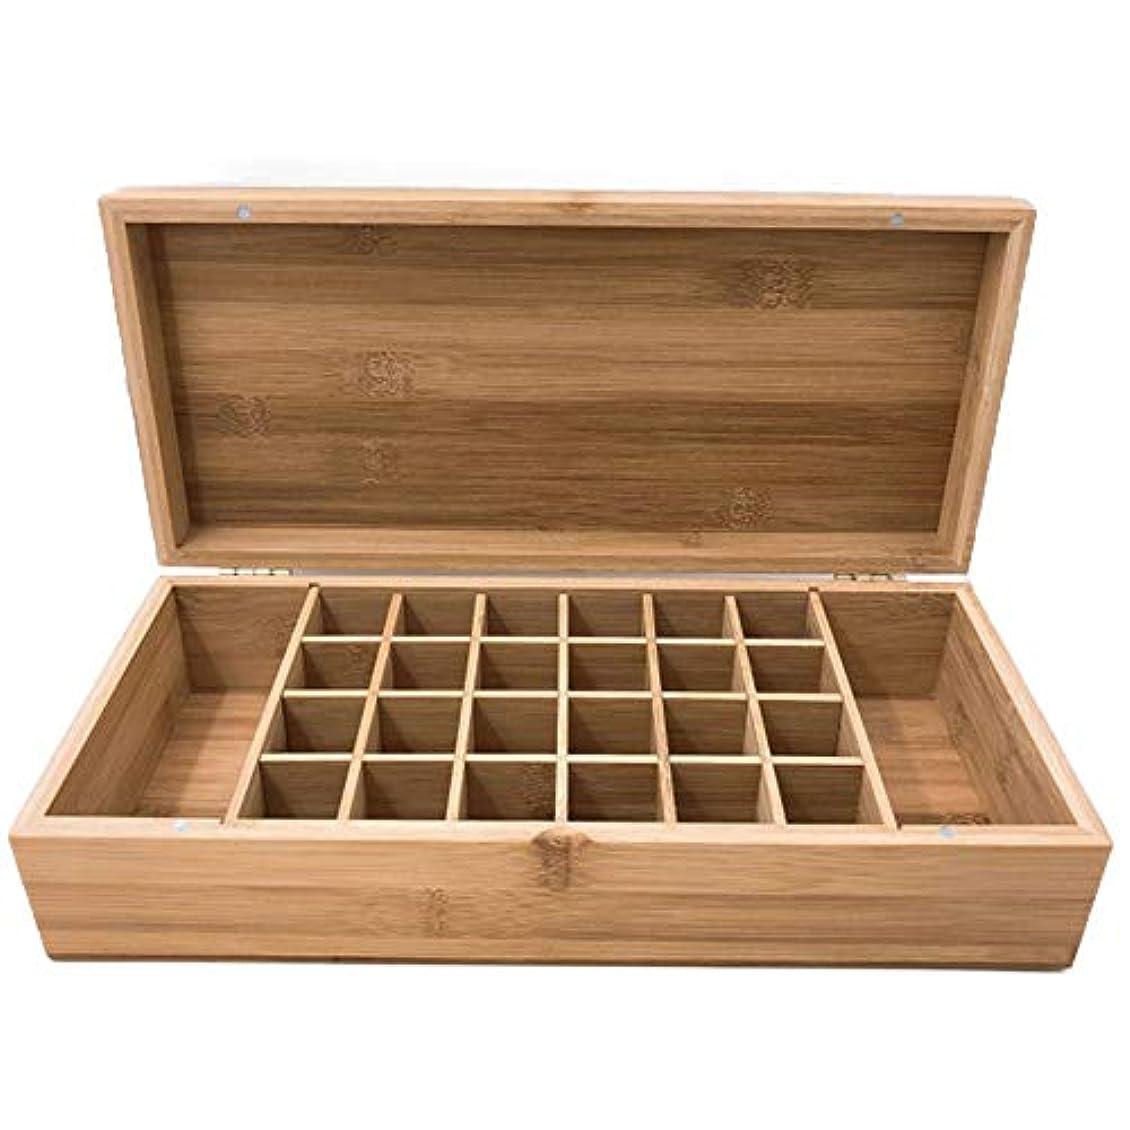 識字連邦波紋エッセンシャルオイル収納ボックス エッセンシャルオイルストレージボックスアロマセラピー油ボトル33.5x15x8.3cmのために26個のスロット木製主催キャリングケース (色 : Natural, サイズ : 33.5X15X8.3CM)